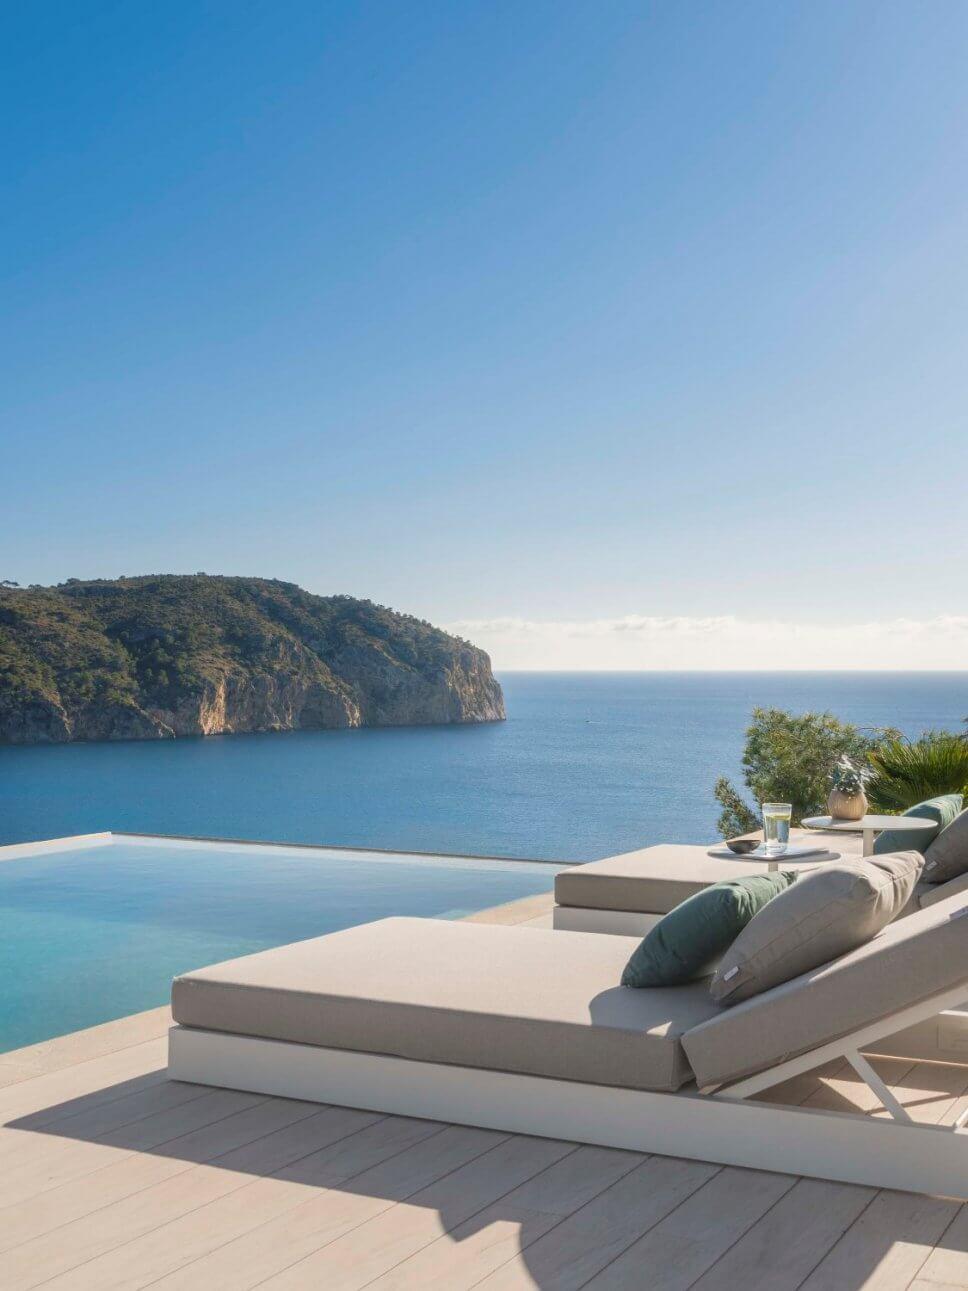 Terrasse mit zwei Liegen in moderner Villa mit Blick aufs Meer